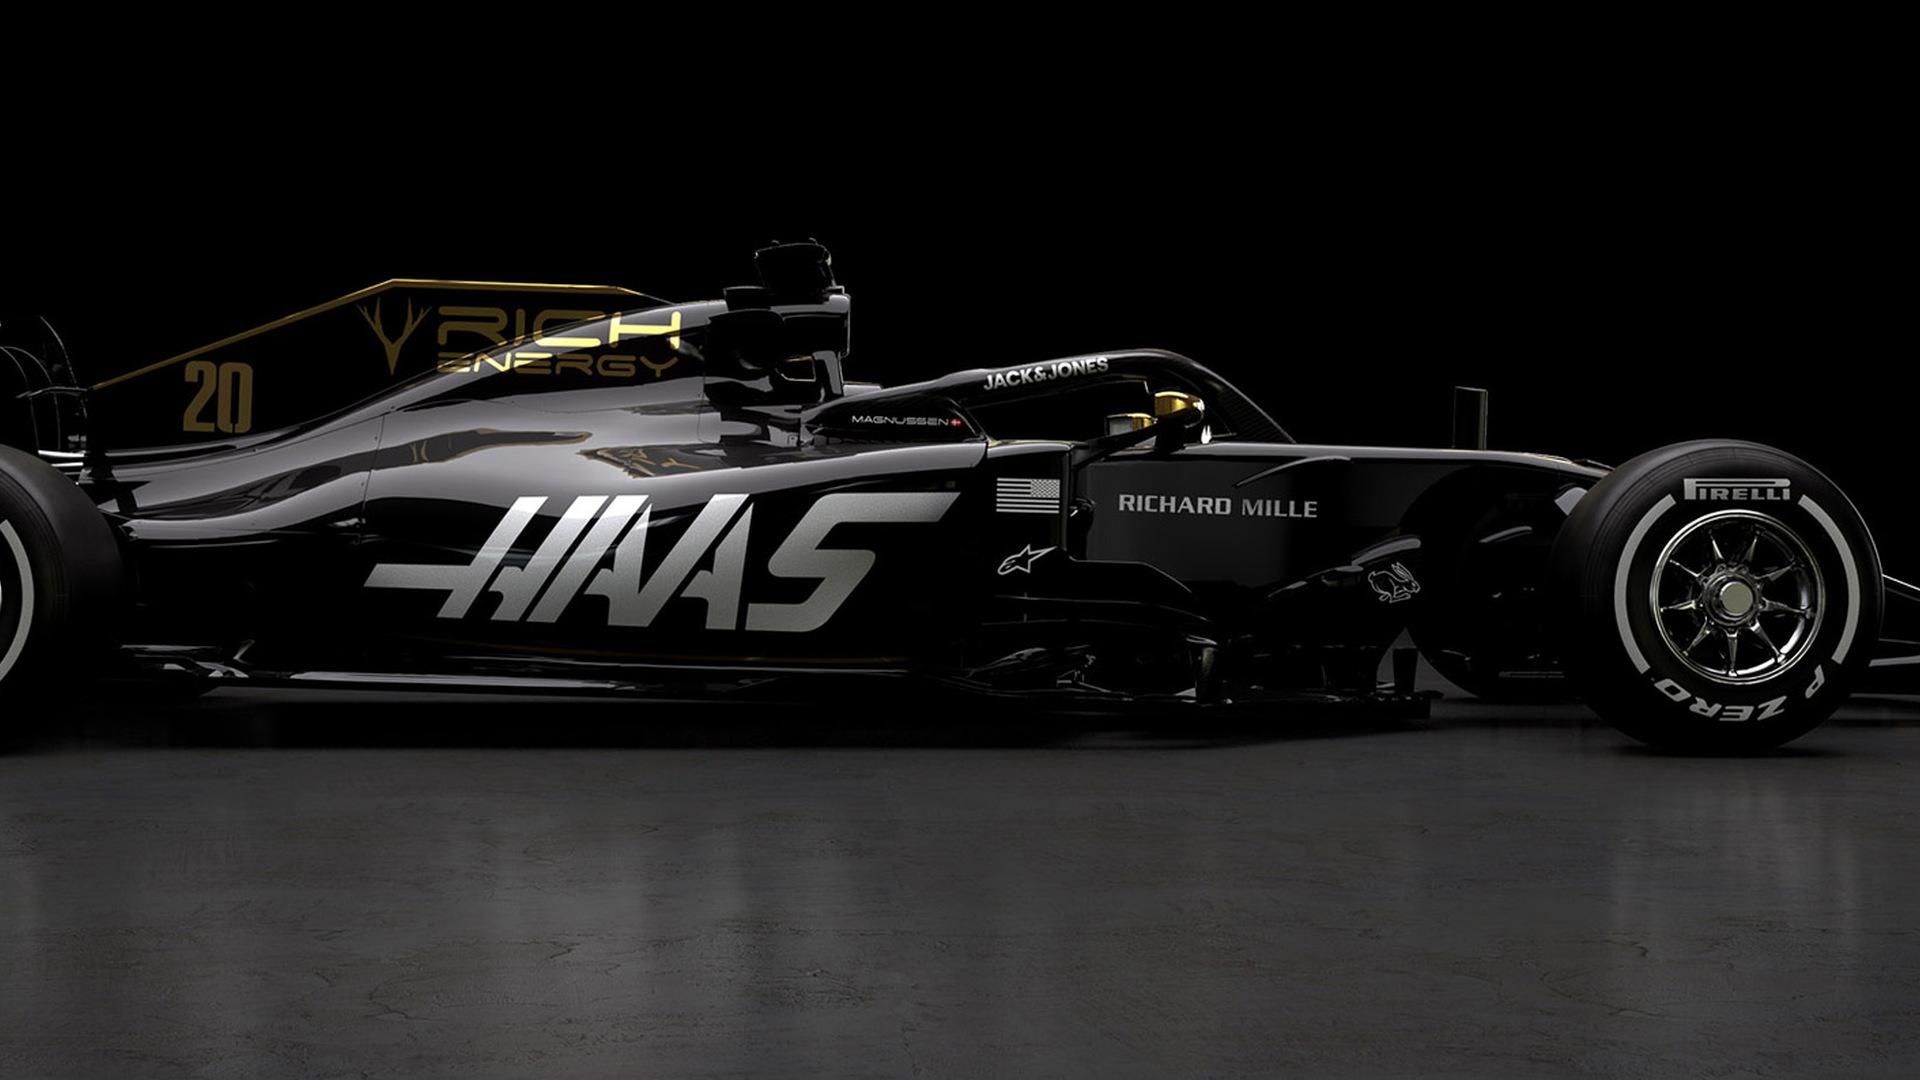 2019 Haas VF-19 Formula 1 race car